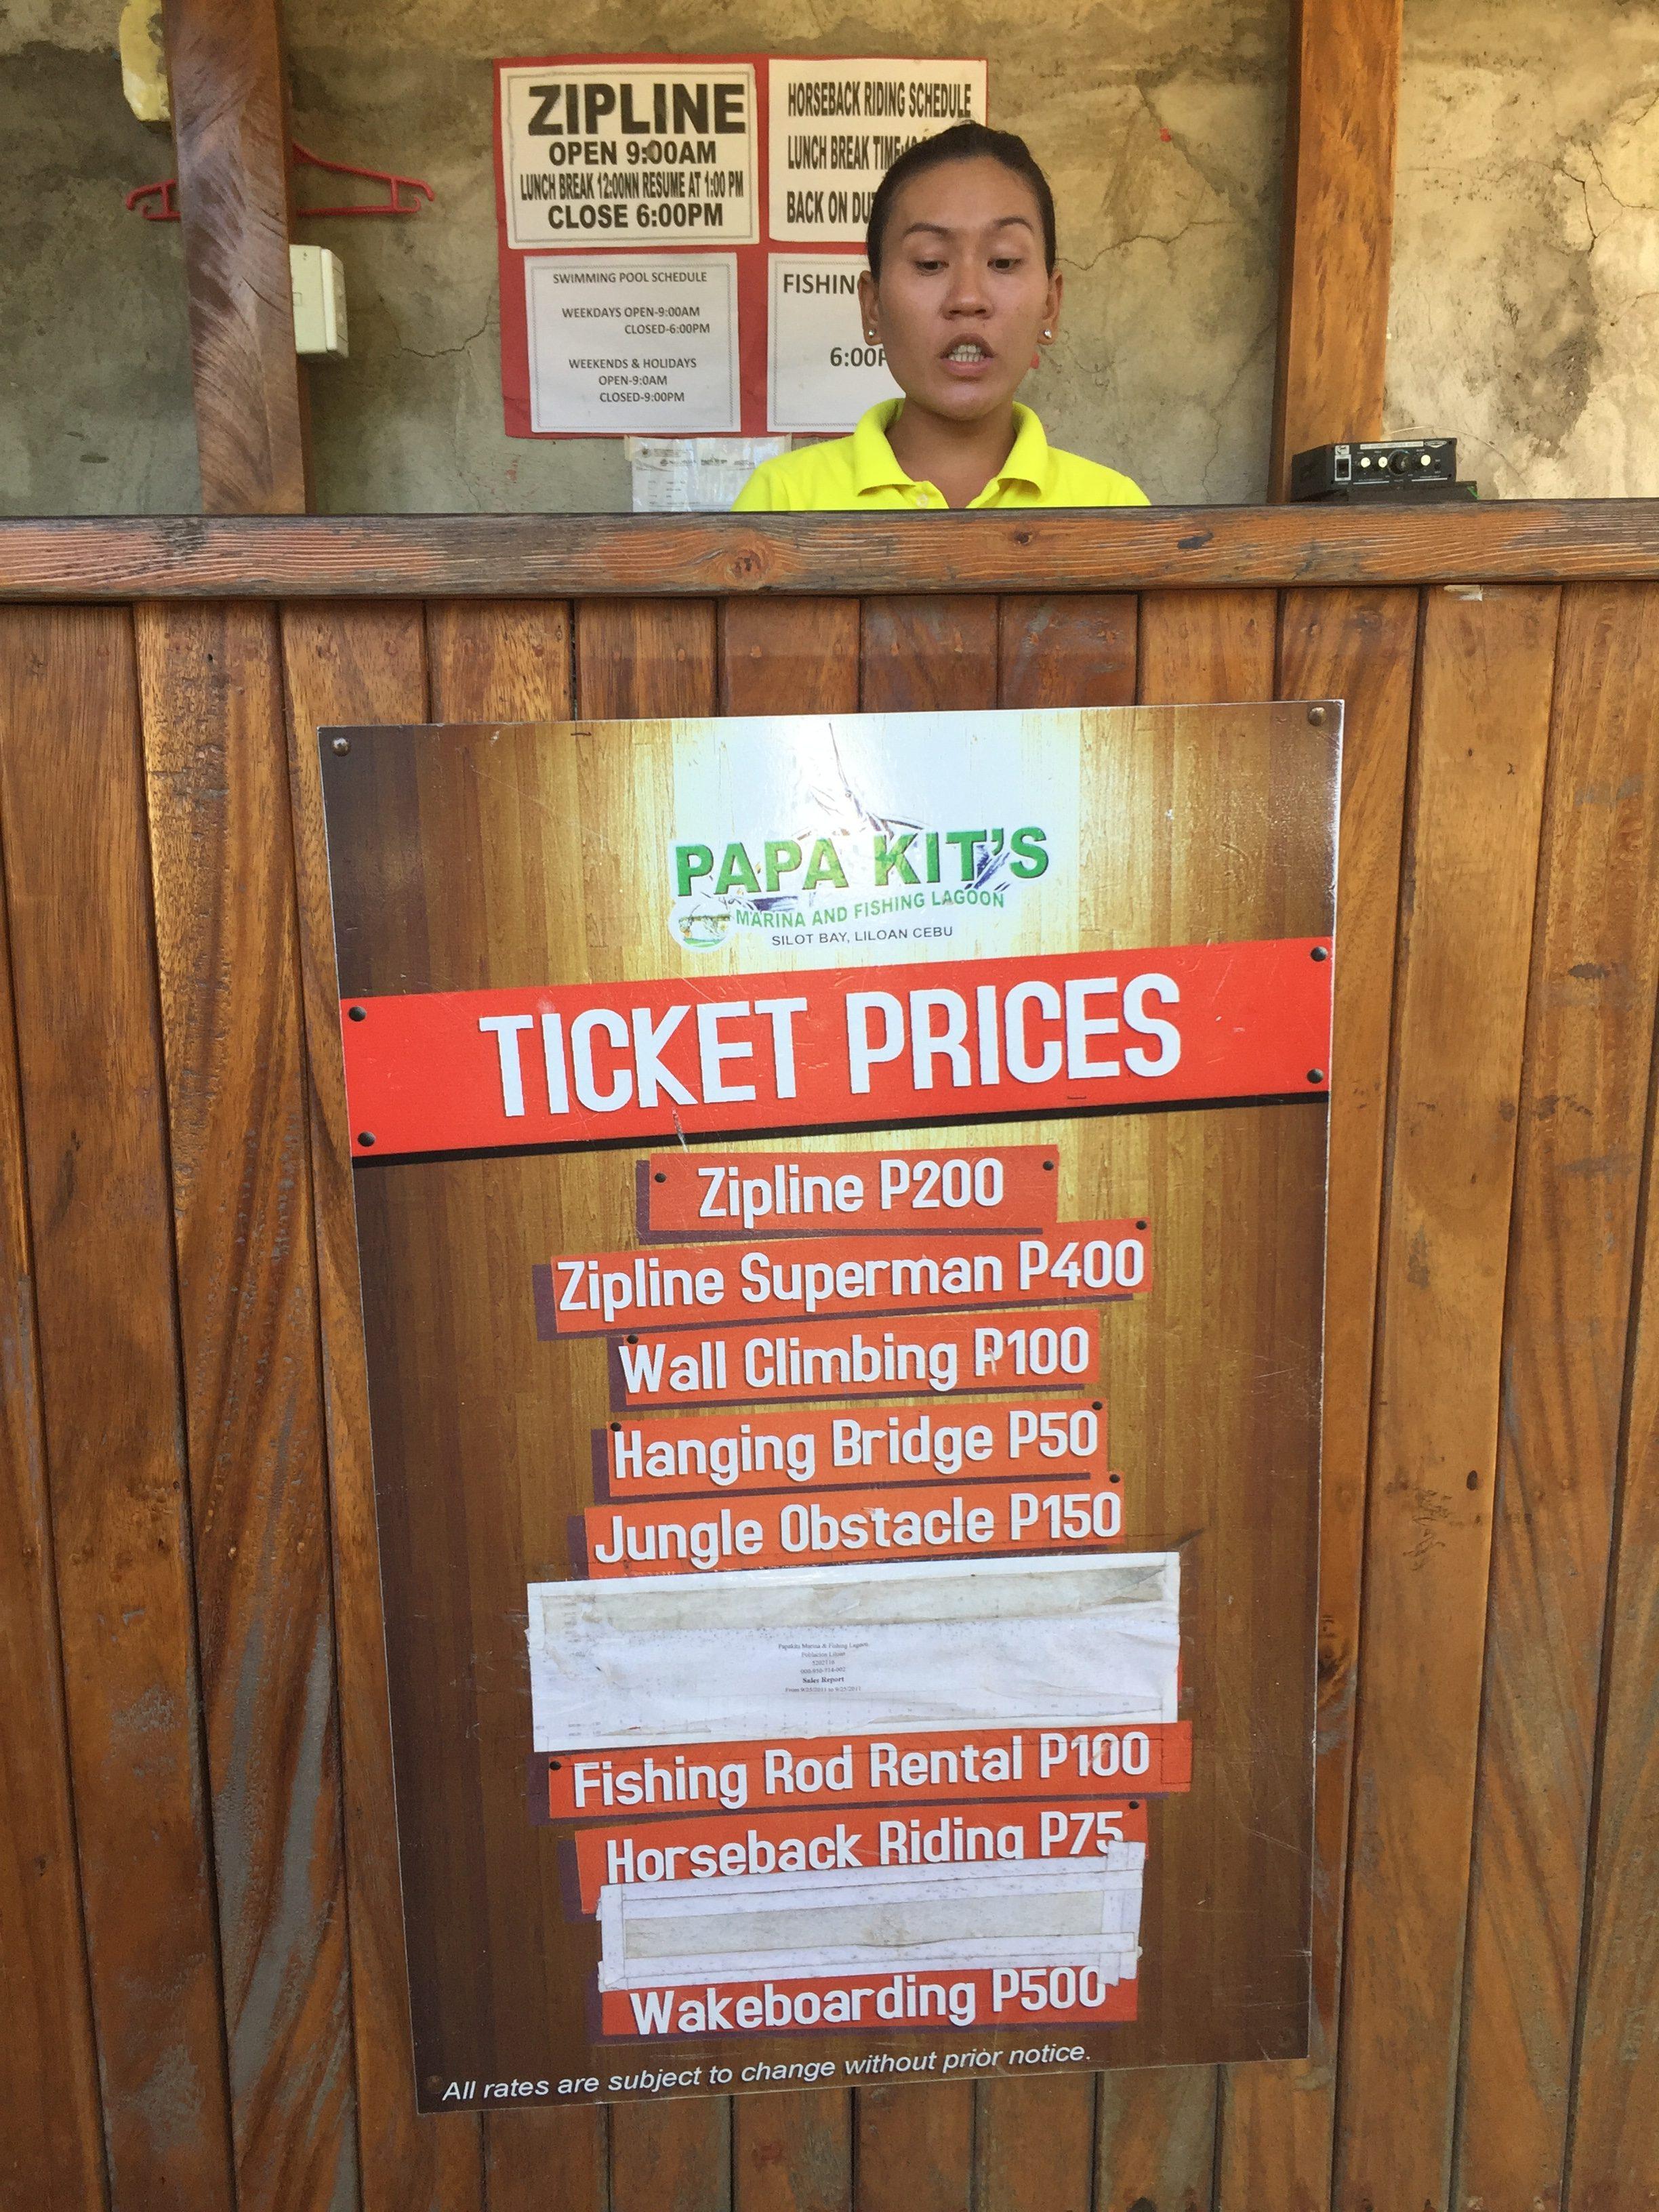 パパキッズのアトラクションの値段表